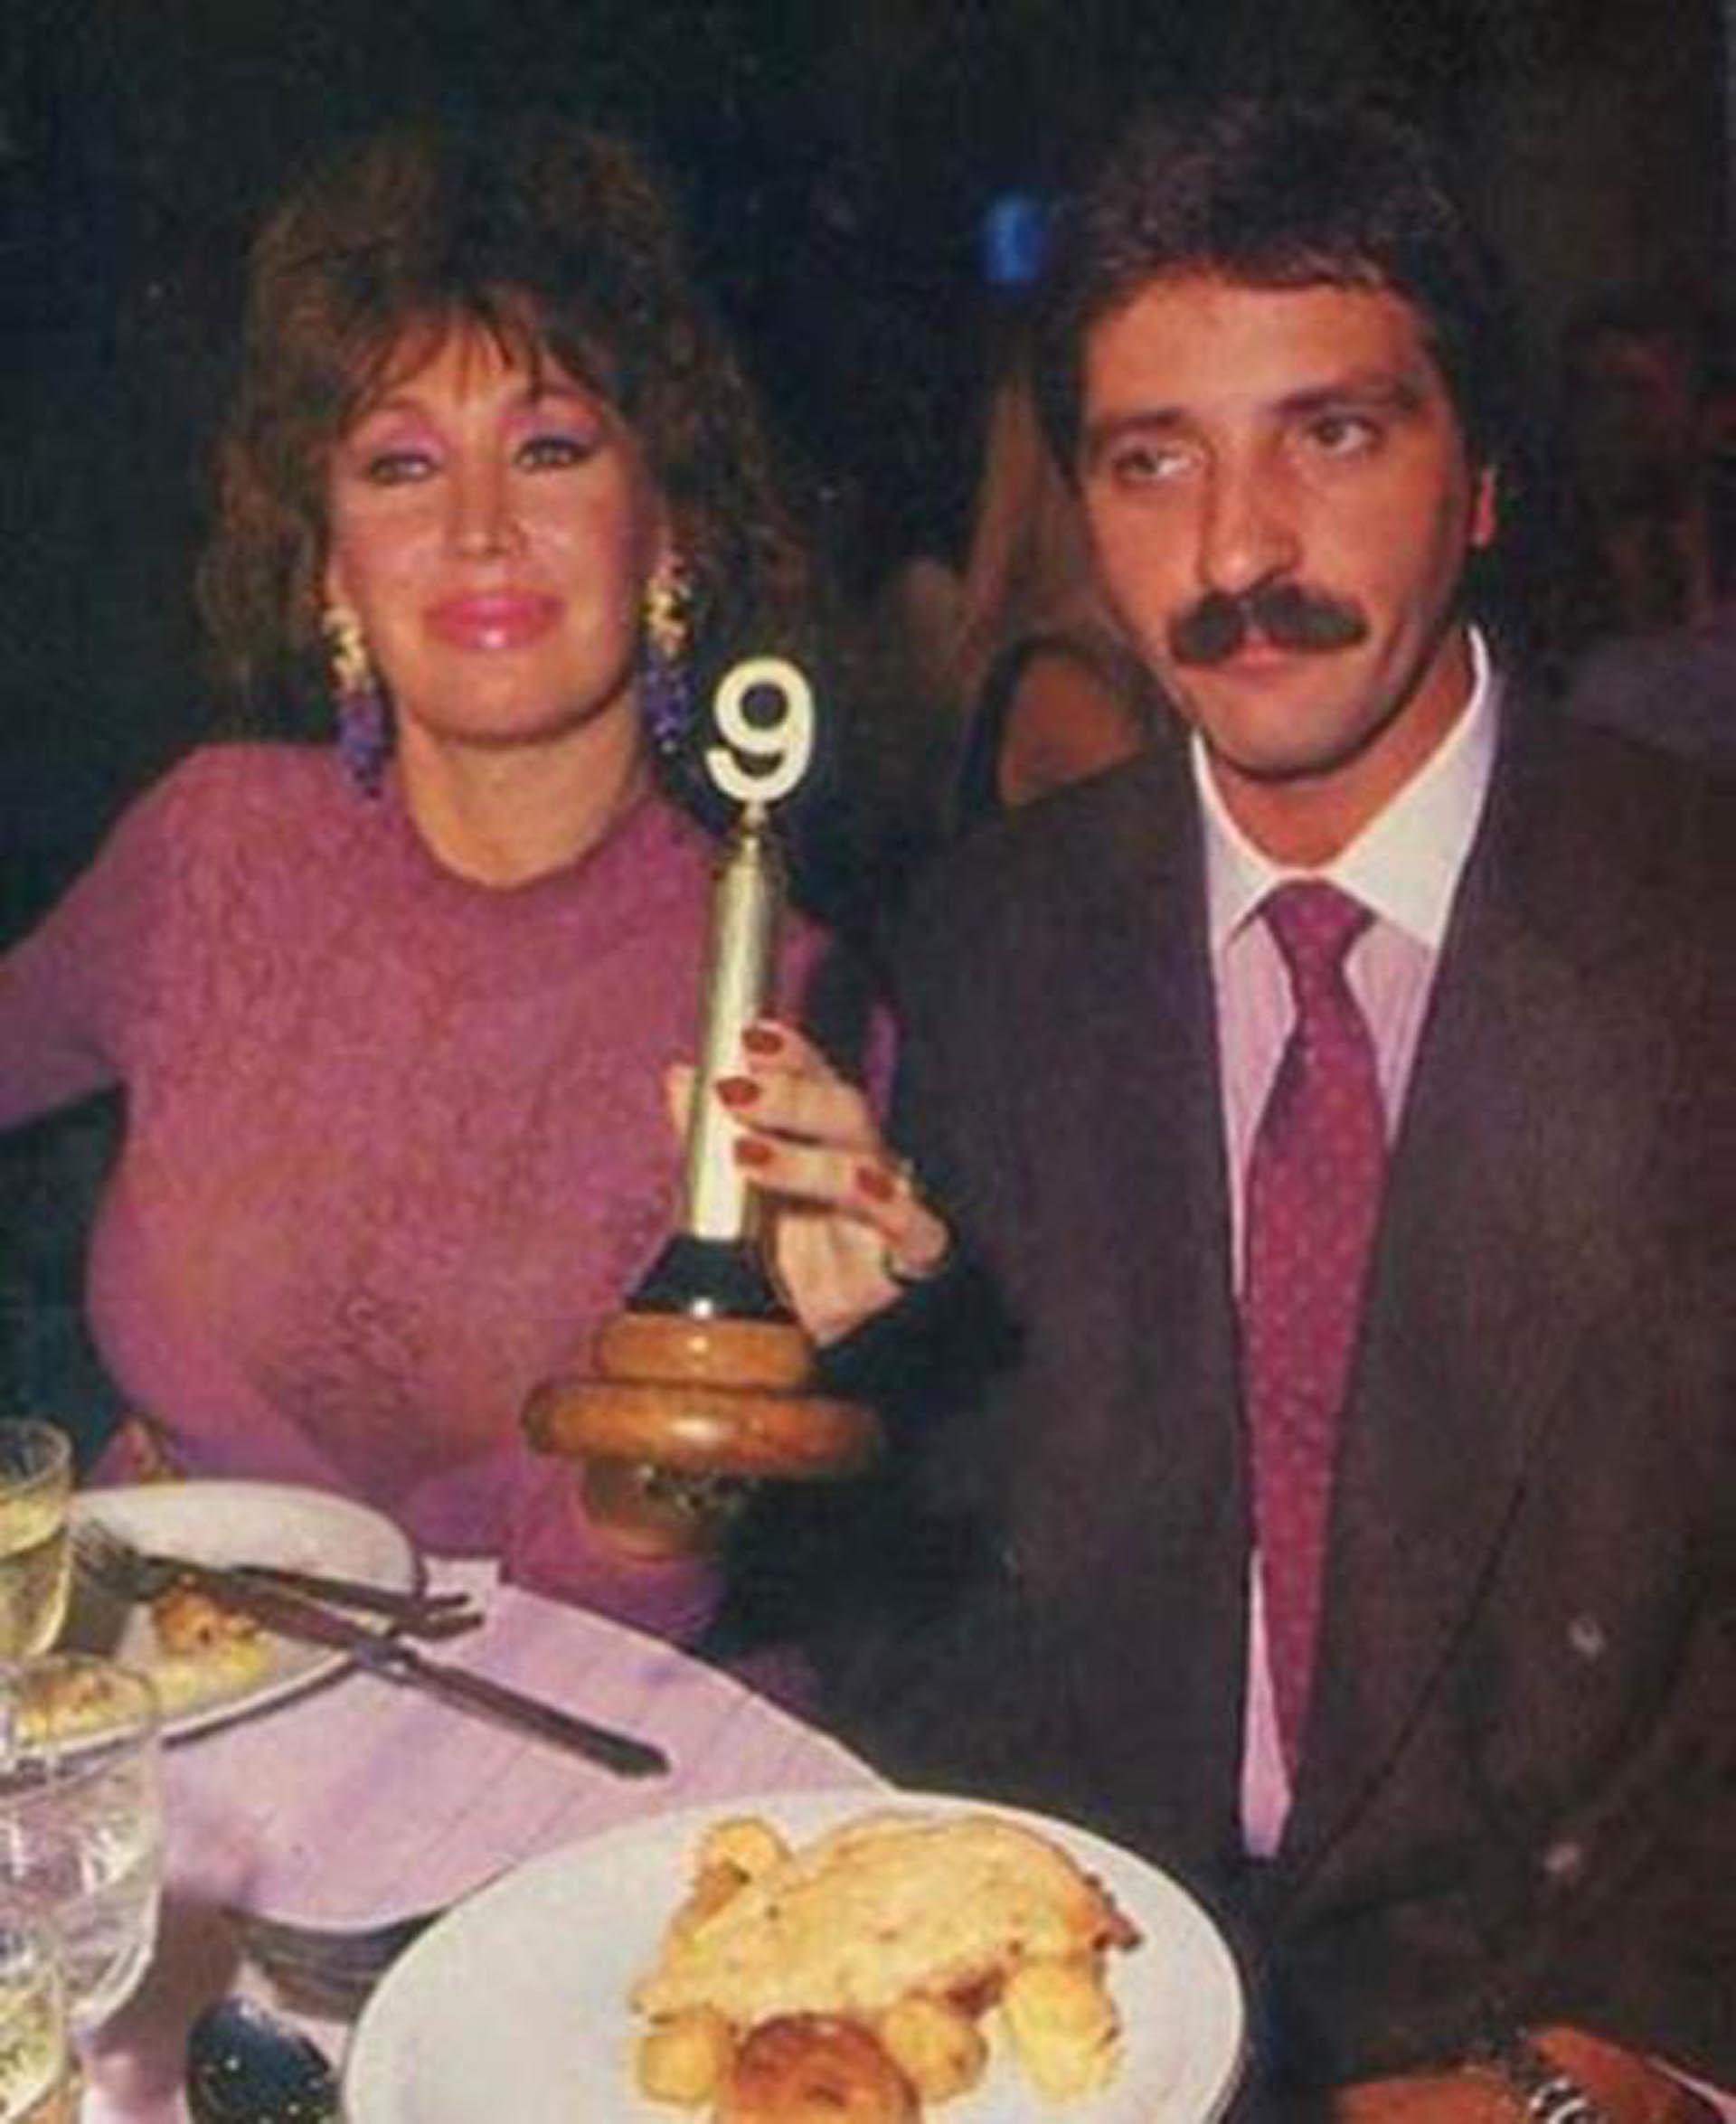 Moria Casán y Luis Vadalá. Fueron parejas más de diez años pero se separaron de manera conflictiva